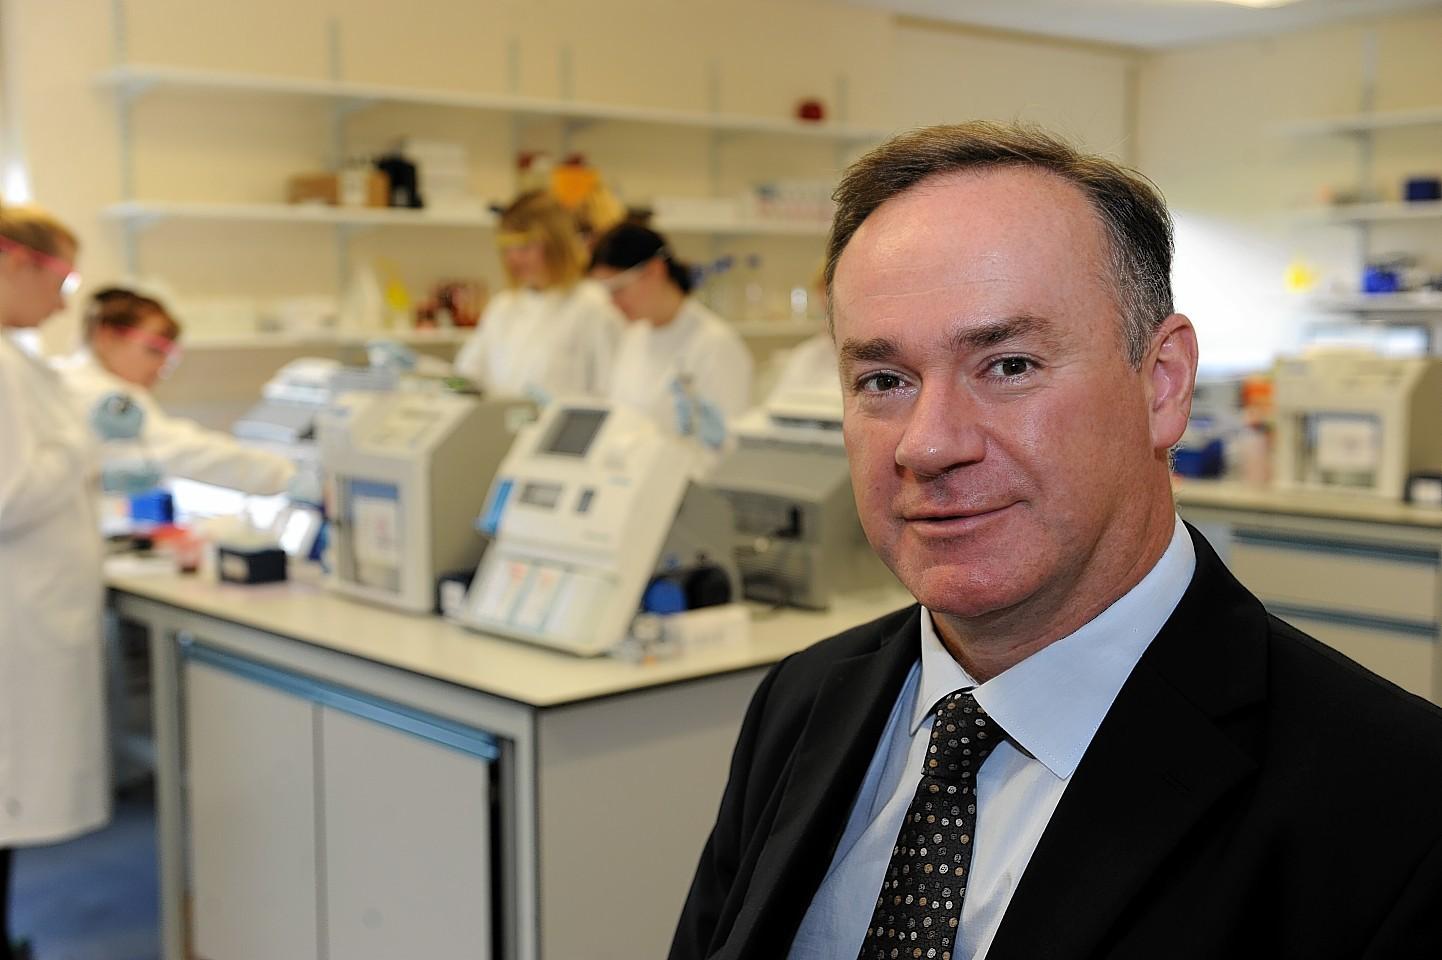 AccuNostics chief executive Giles Hamilton